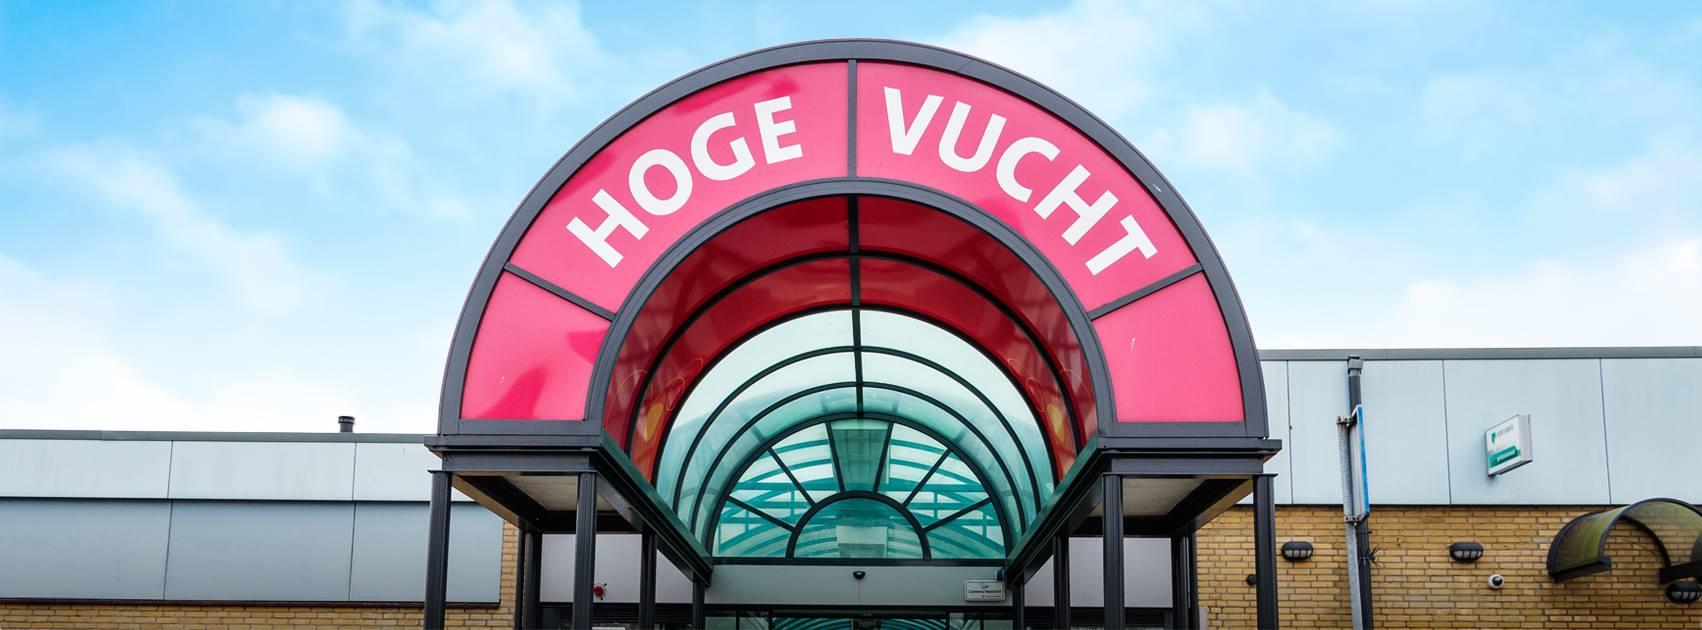 Hoge-Vucht-banner